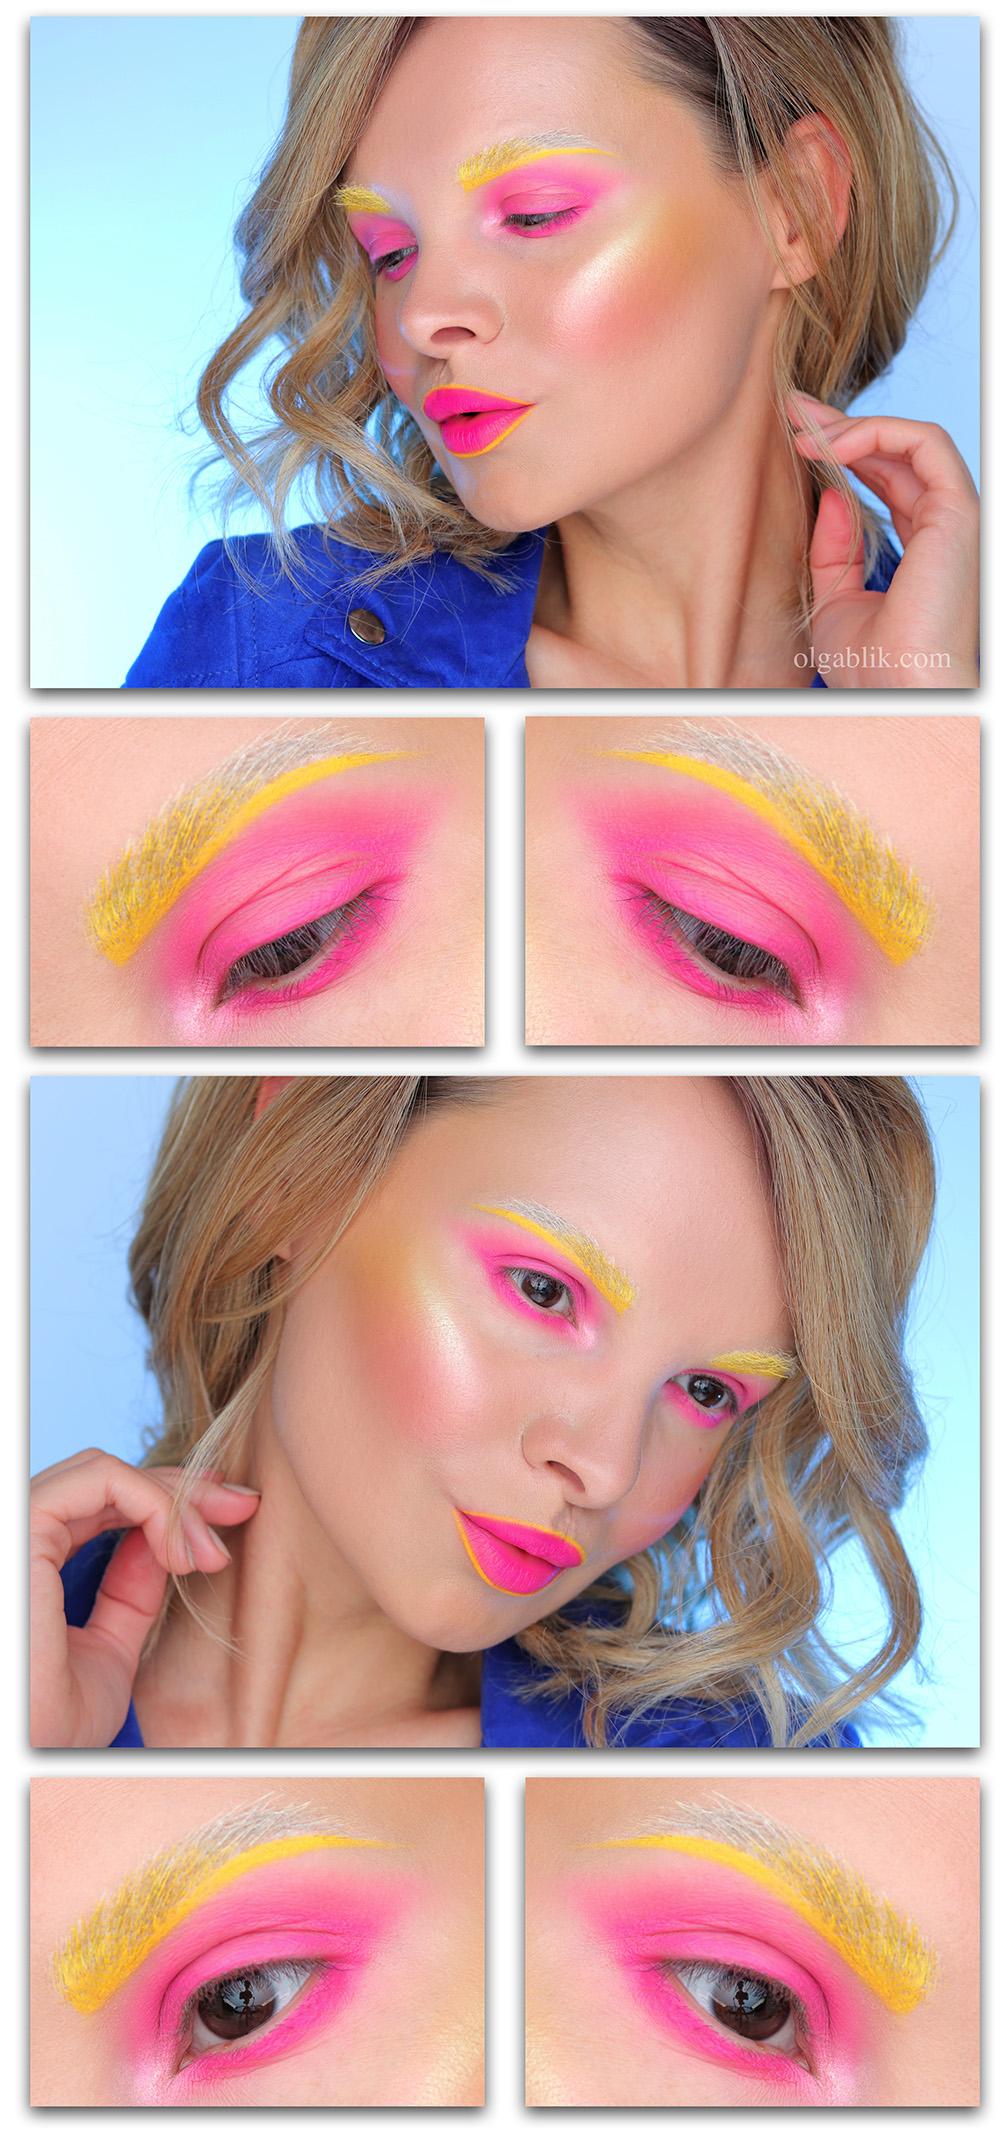 Креативный макияж для фотосессии своими руками